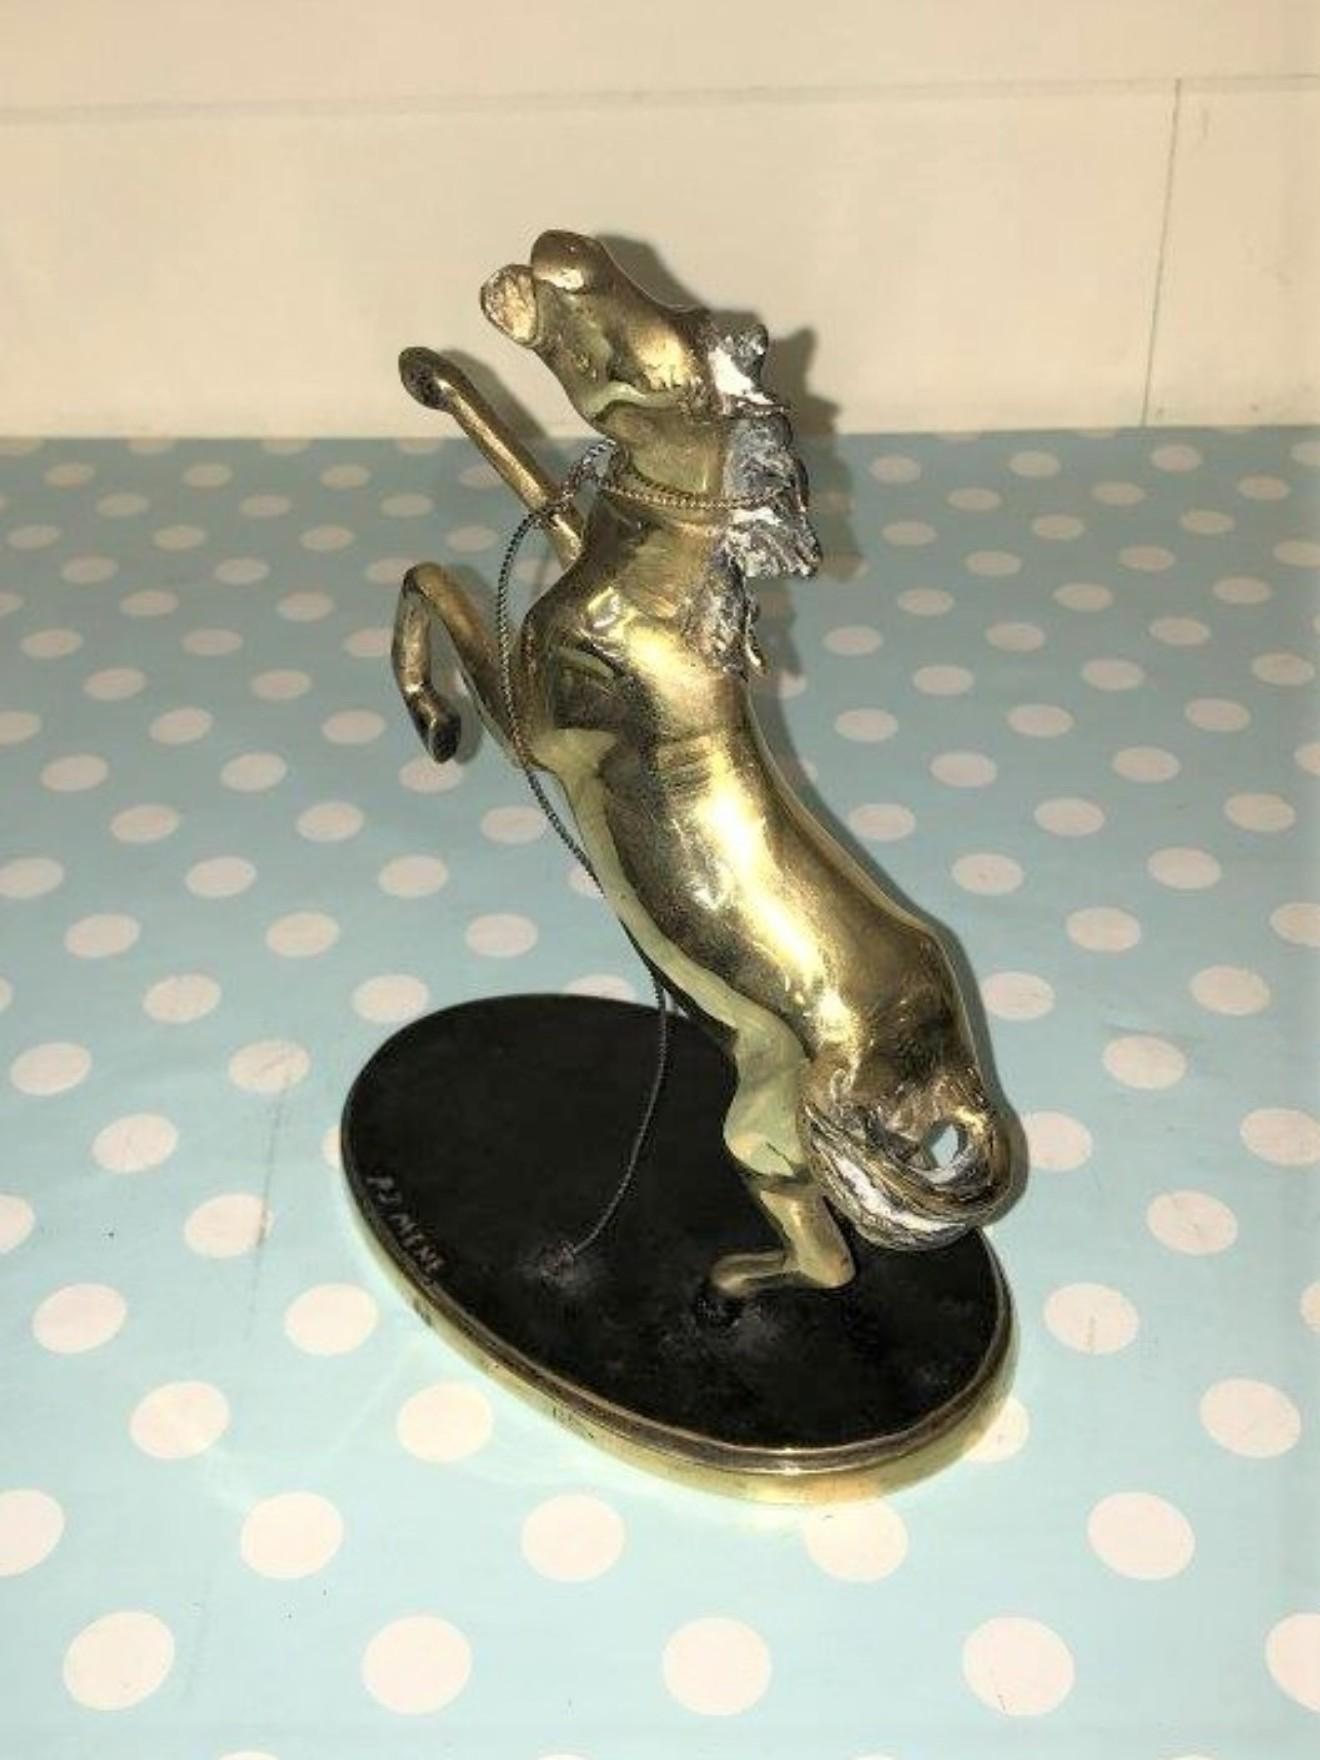 Brass Prancing Horse